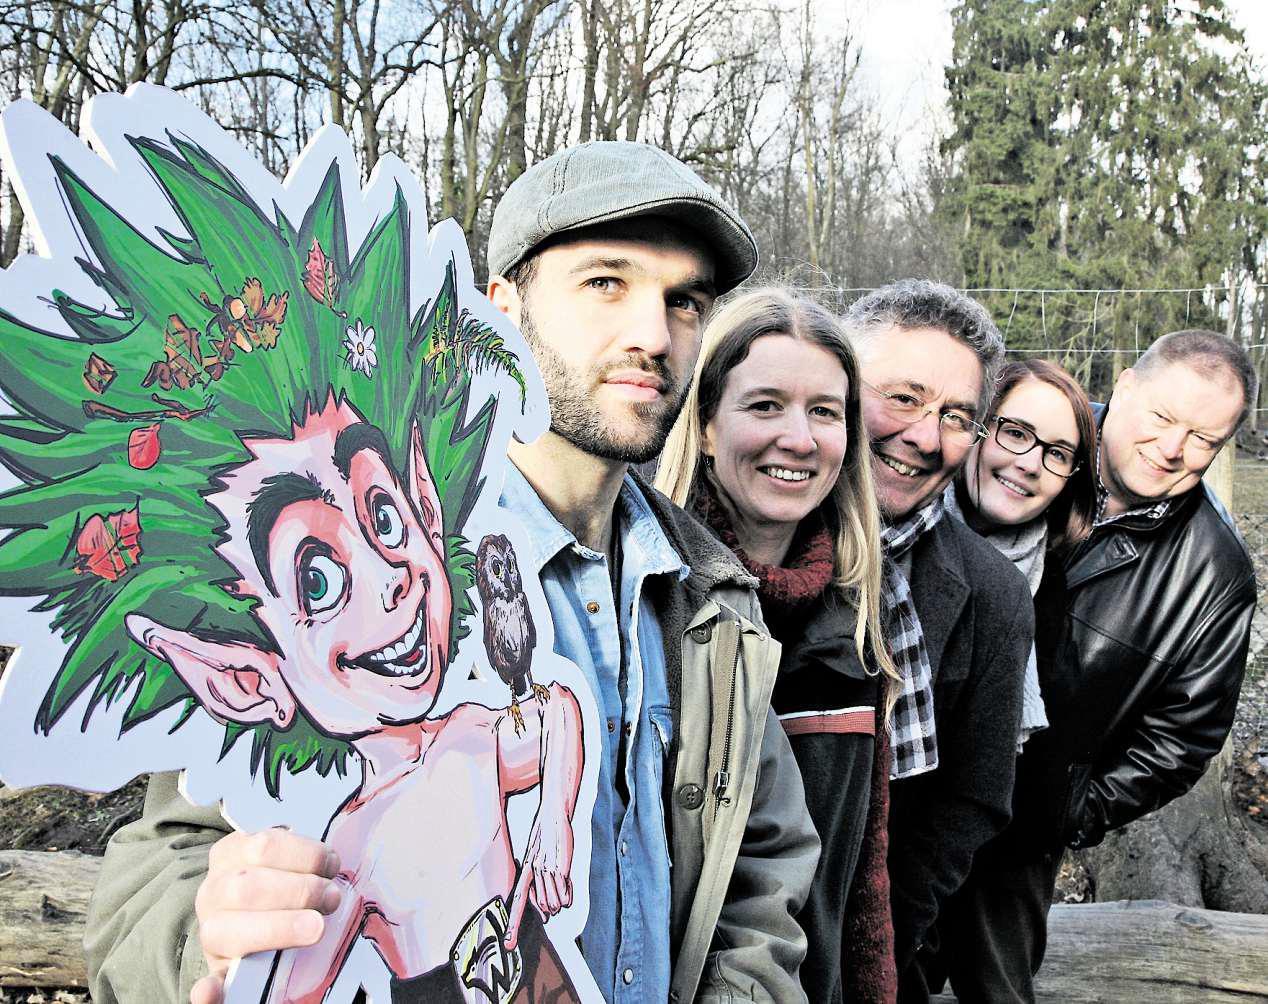 Vitali Schreiber (von links) hat den Kobold geschaffen. Eine gelungene Arbeit, finden auch Simone Flohr, Hans-Uwe Bringmann, Jaqueline Plinski und Alois-Ernst Ehbrecht.